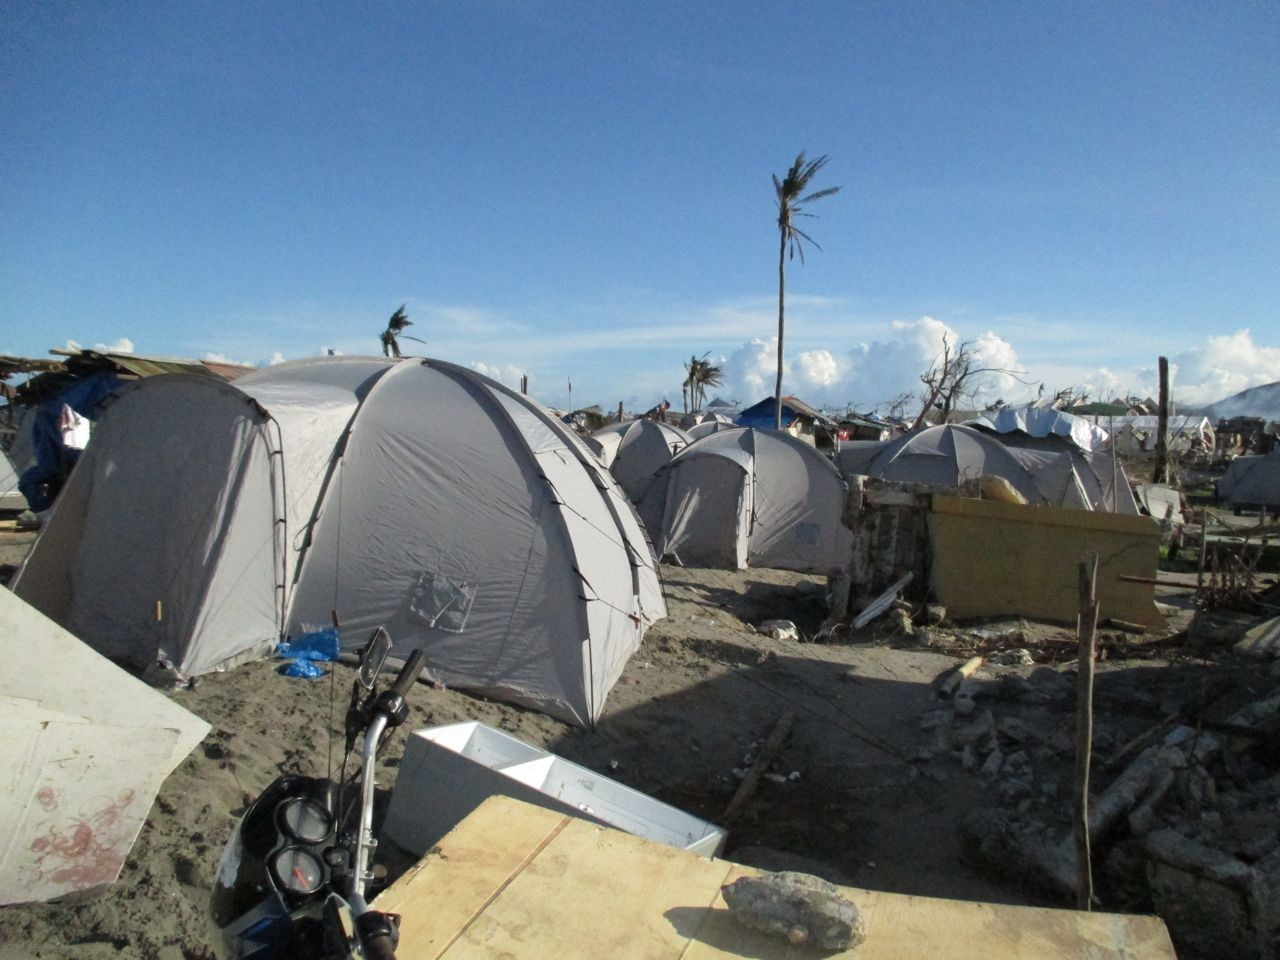 die Zelte dienen als Unterkunft solange bis alles wieder aufgebaut ist